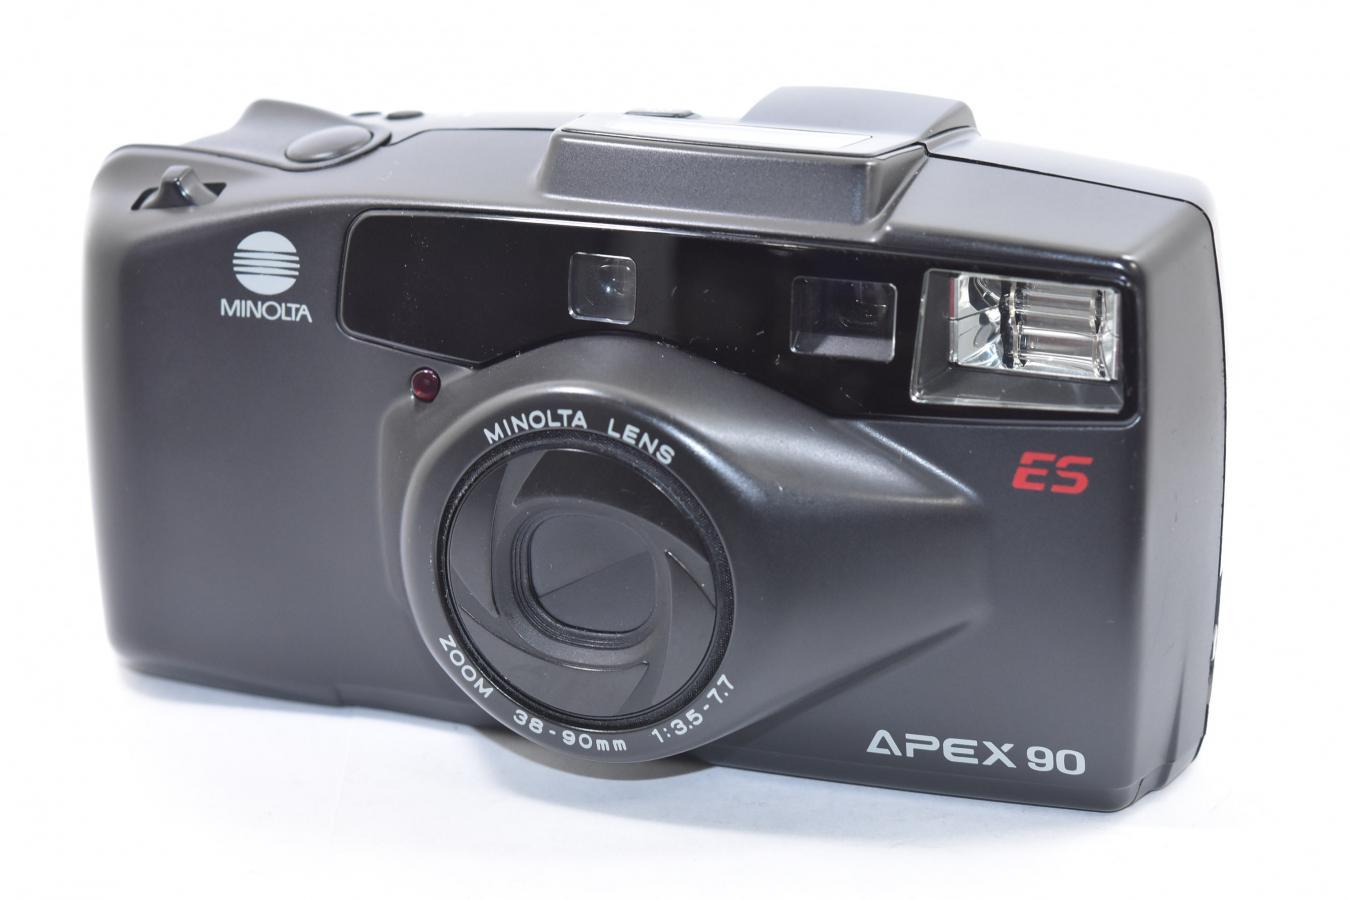 MINOLTA APEX90 【MINOLTA LENS 38-90mm F3.5-7.7 搭載】